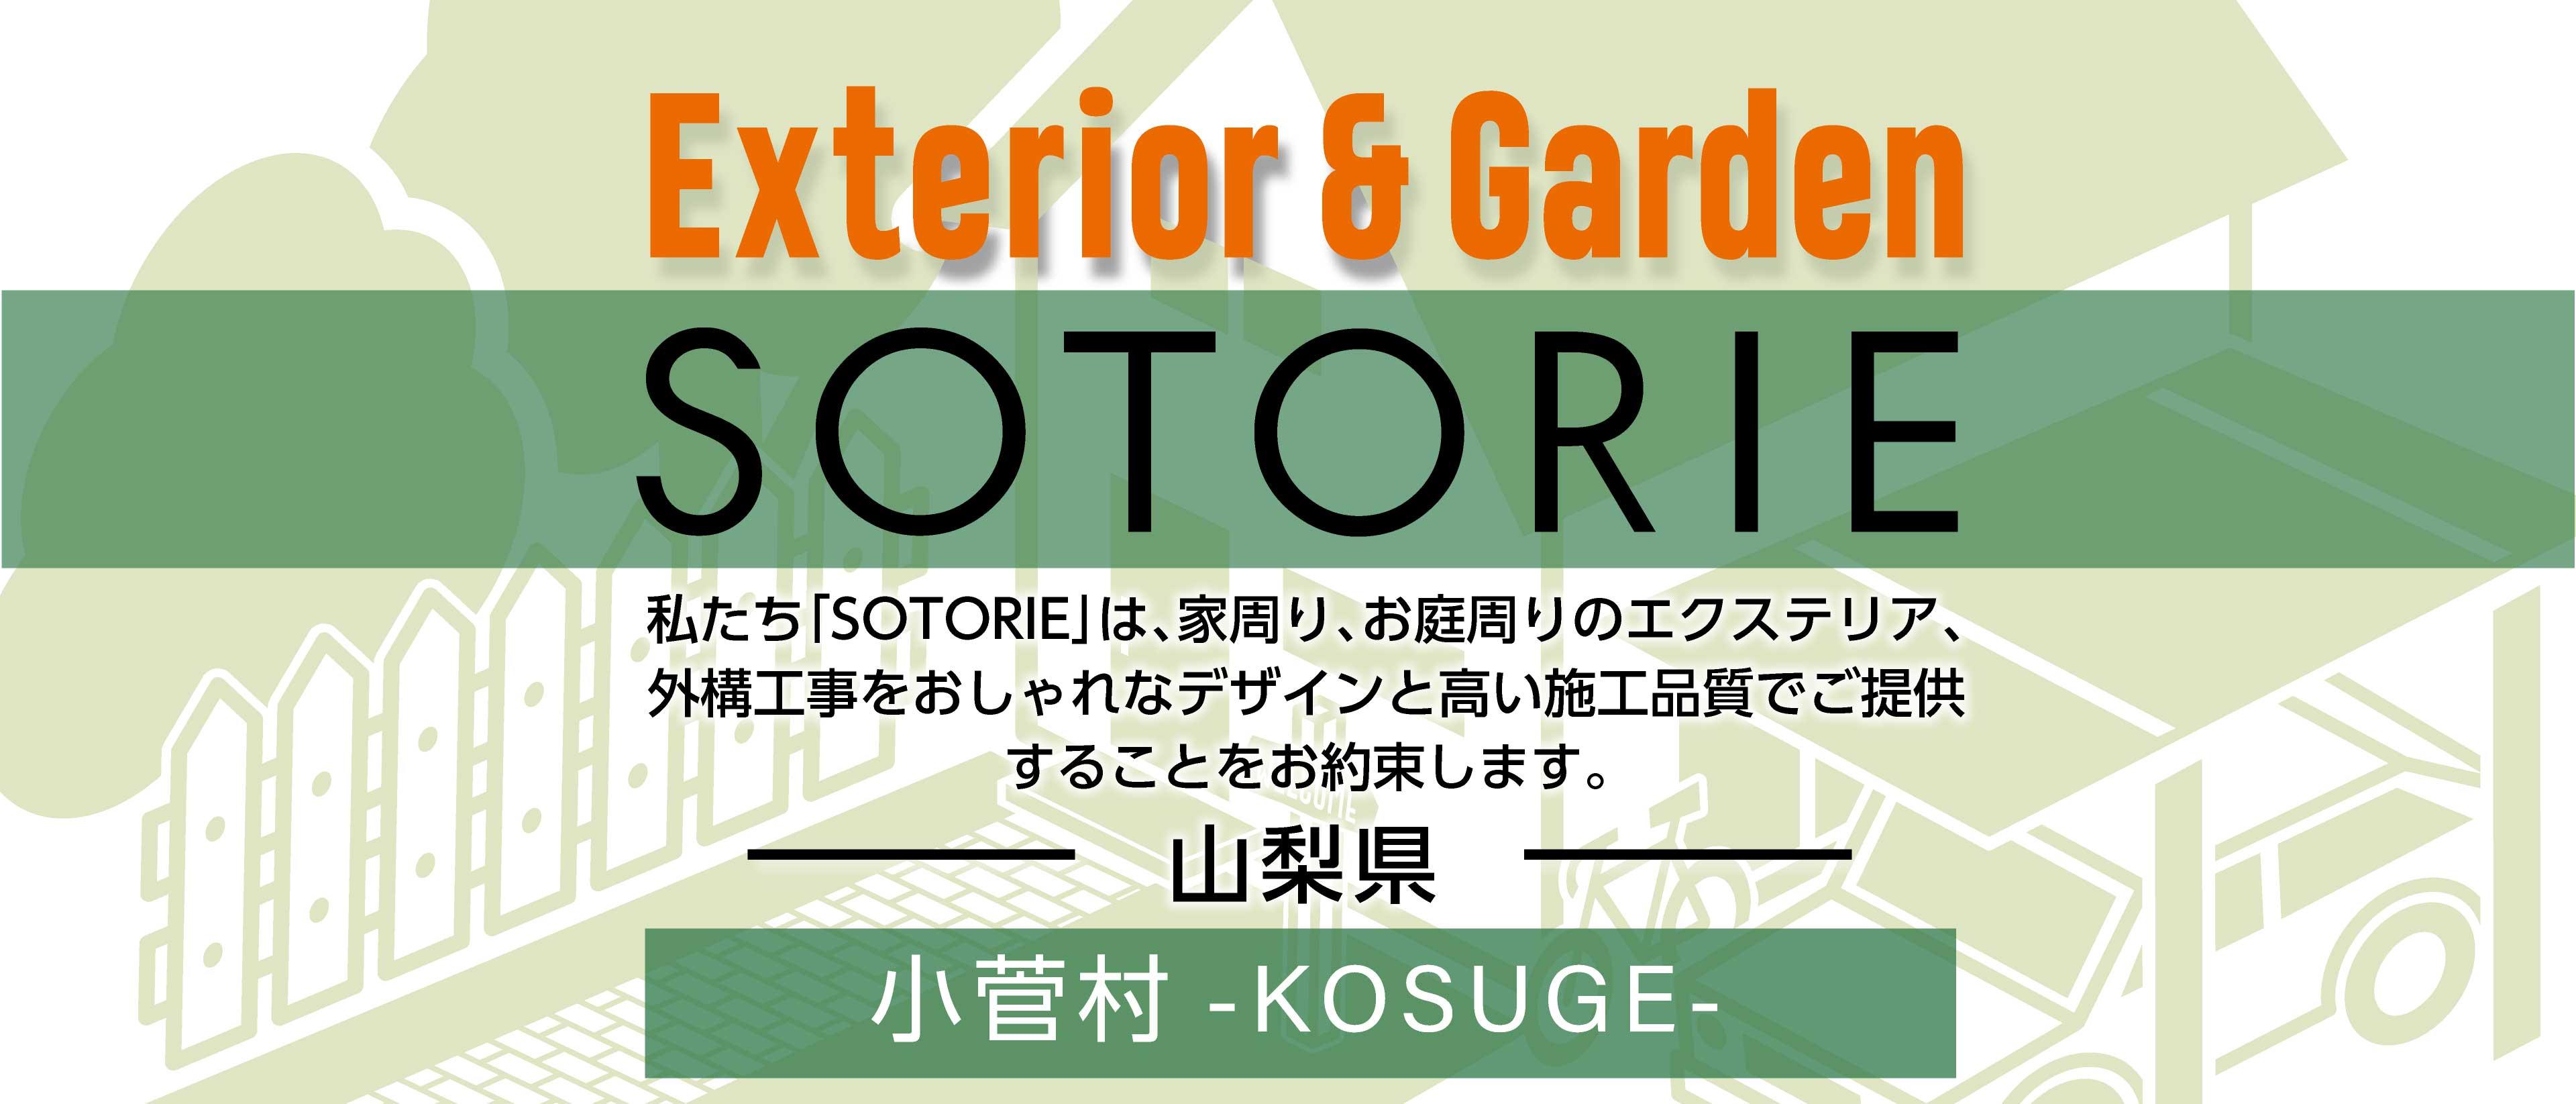 ソトリエ小菅村では、家周りと庭周りの外構、エクステリア工事をおしゃれなデザインと高い施工品質でご提供することをお約束します。